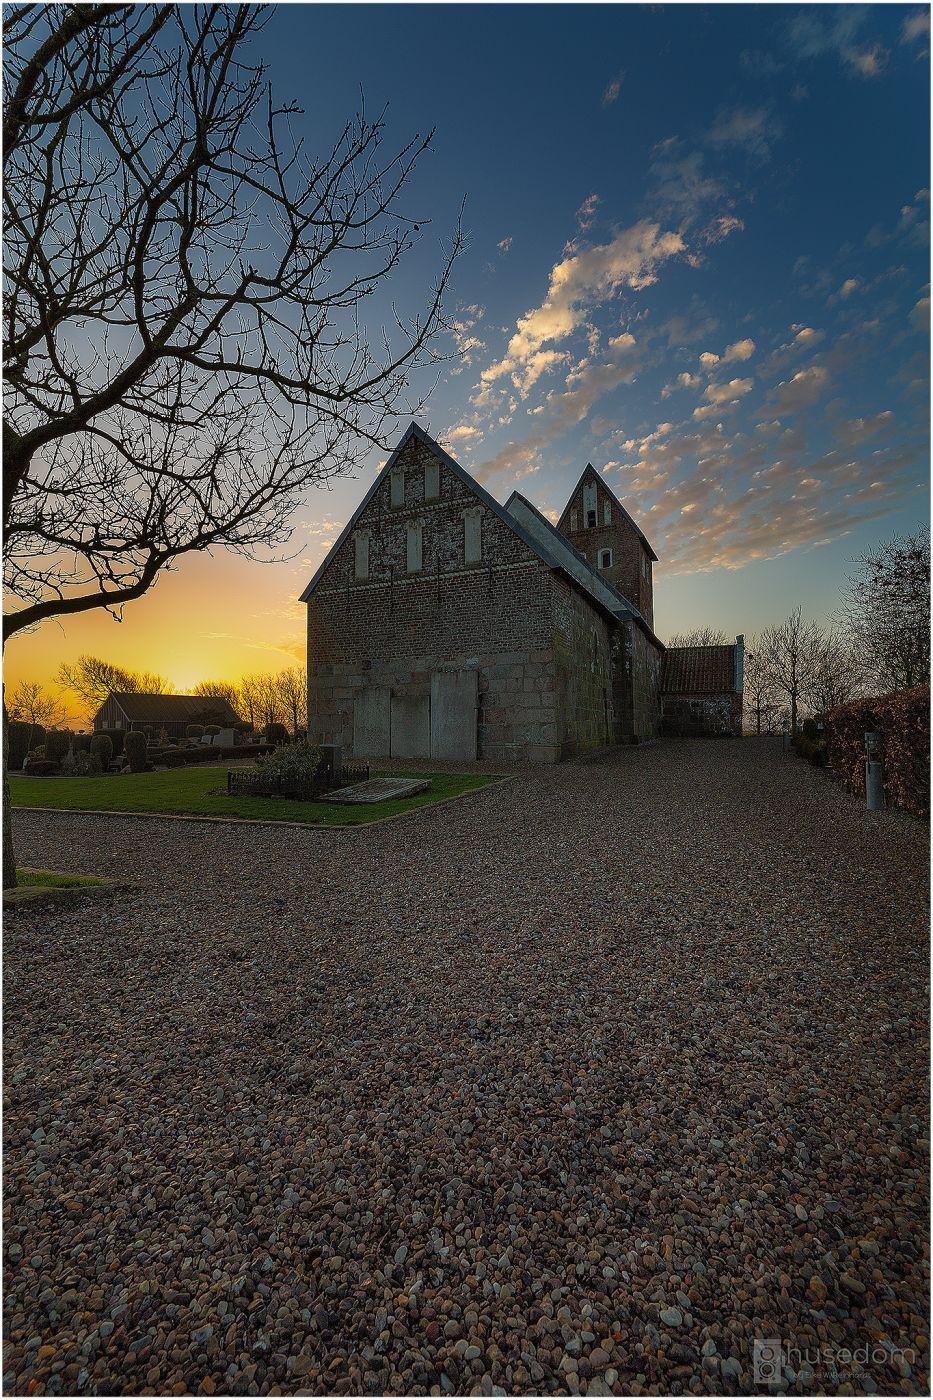 Hjerpsted Kirke, Denmark